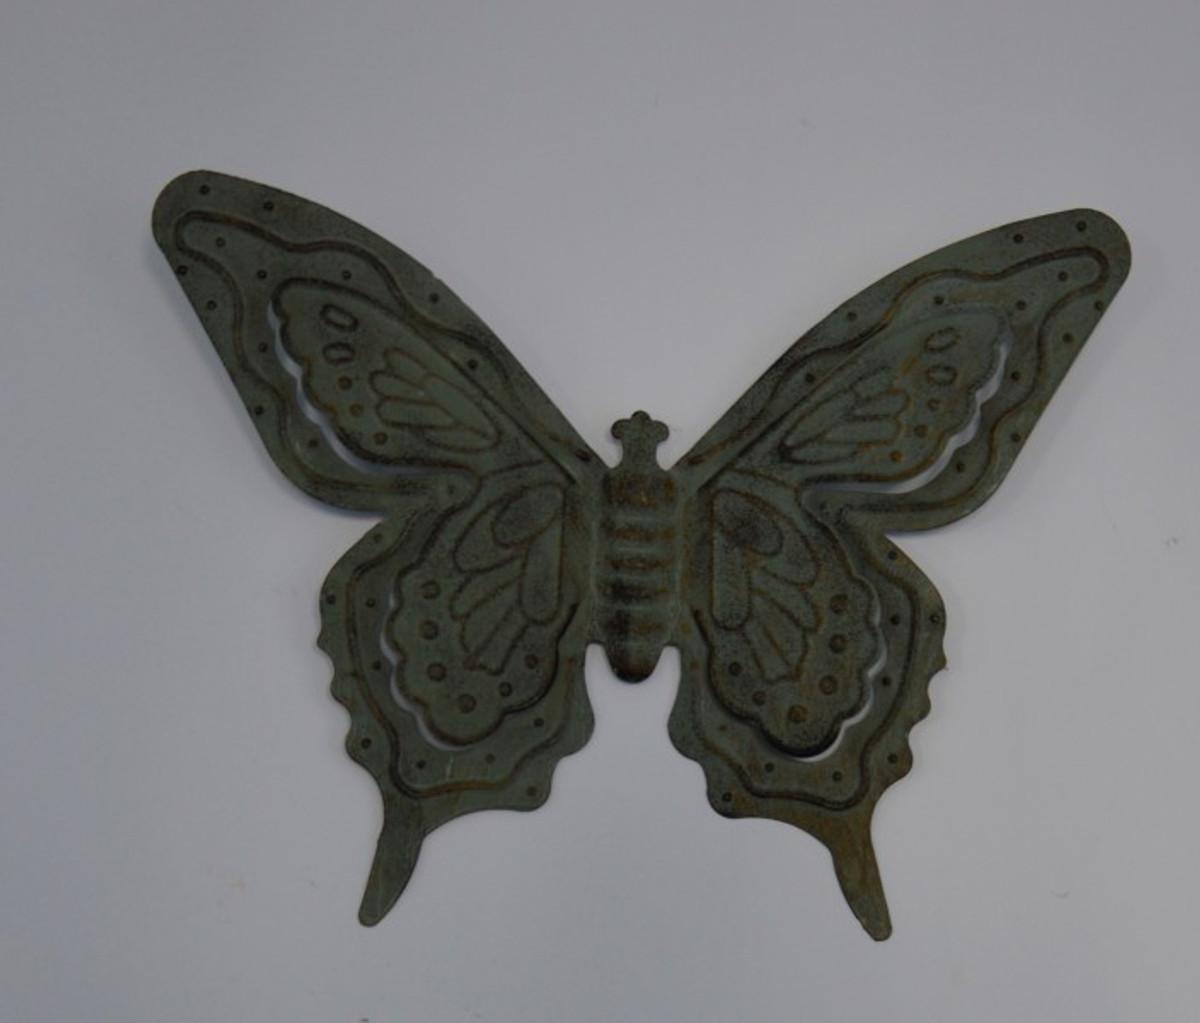 Tier Figur eines Eisen Schmetterling kaufen. Tolle Wanddekoration antik in Grün.